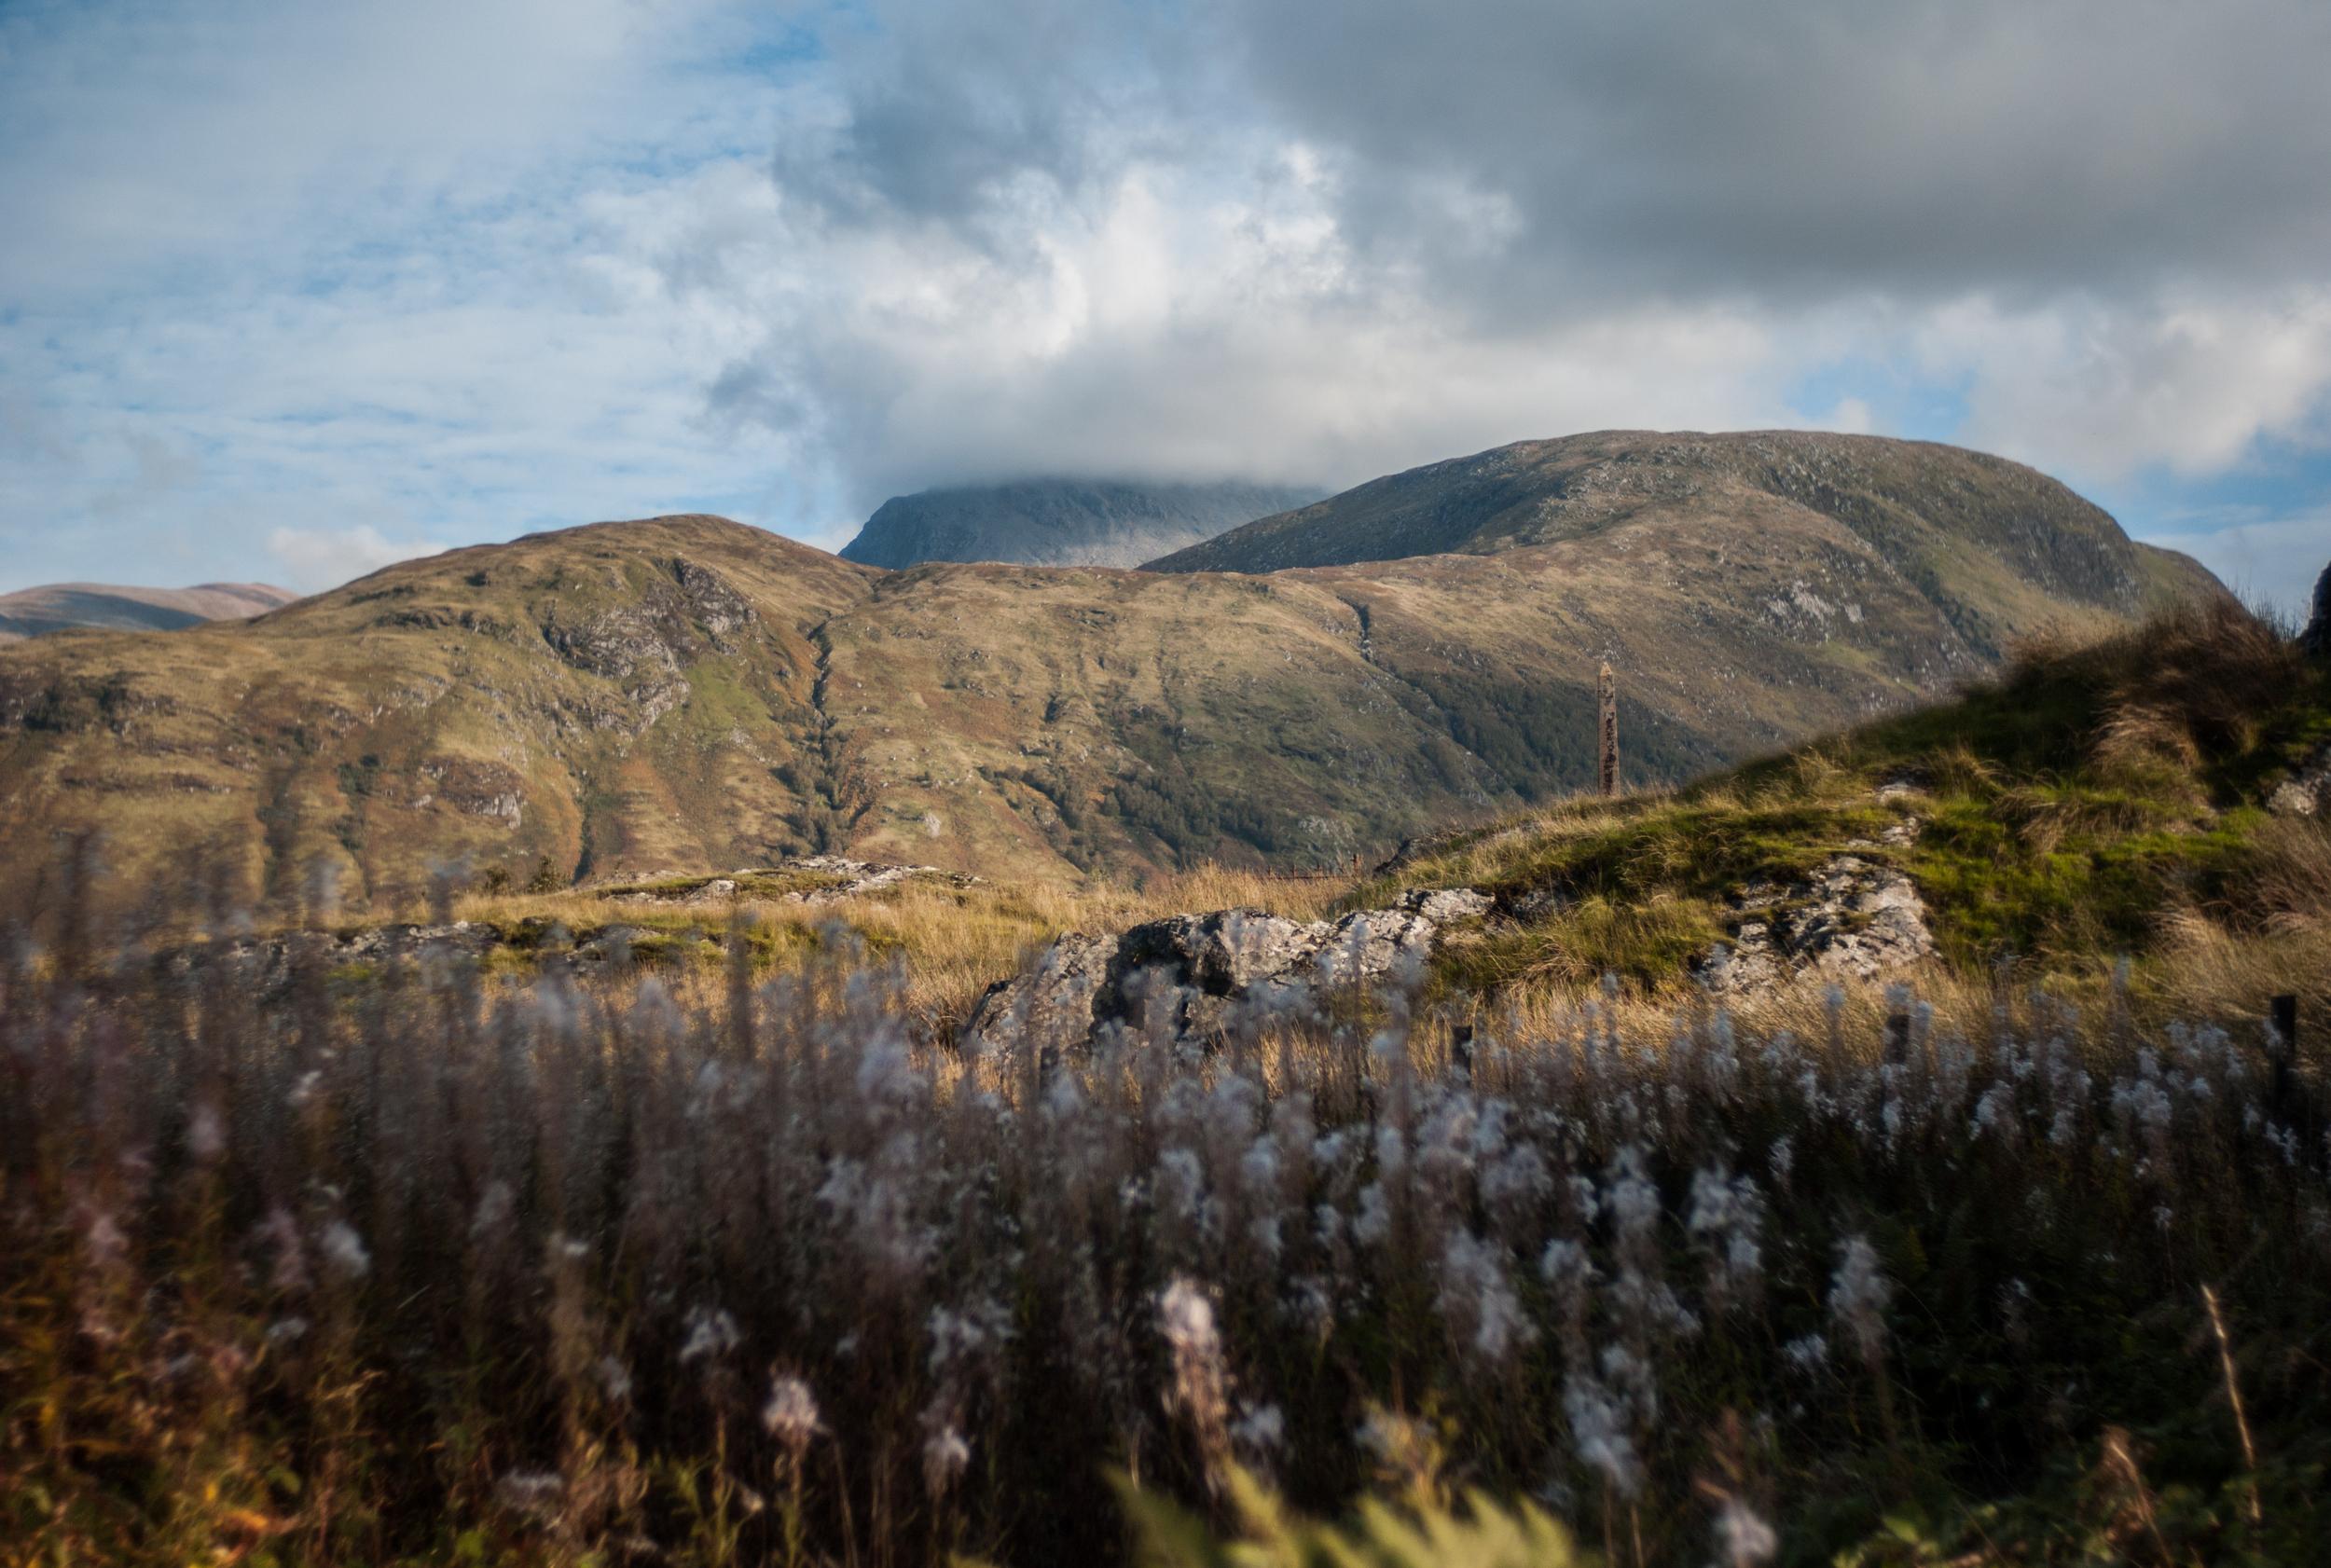 Ben Nevis. Tallest Mountain in the UK.